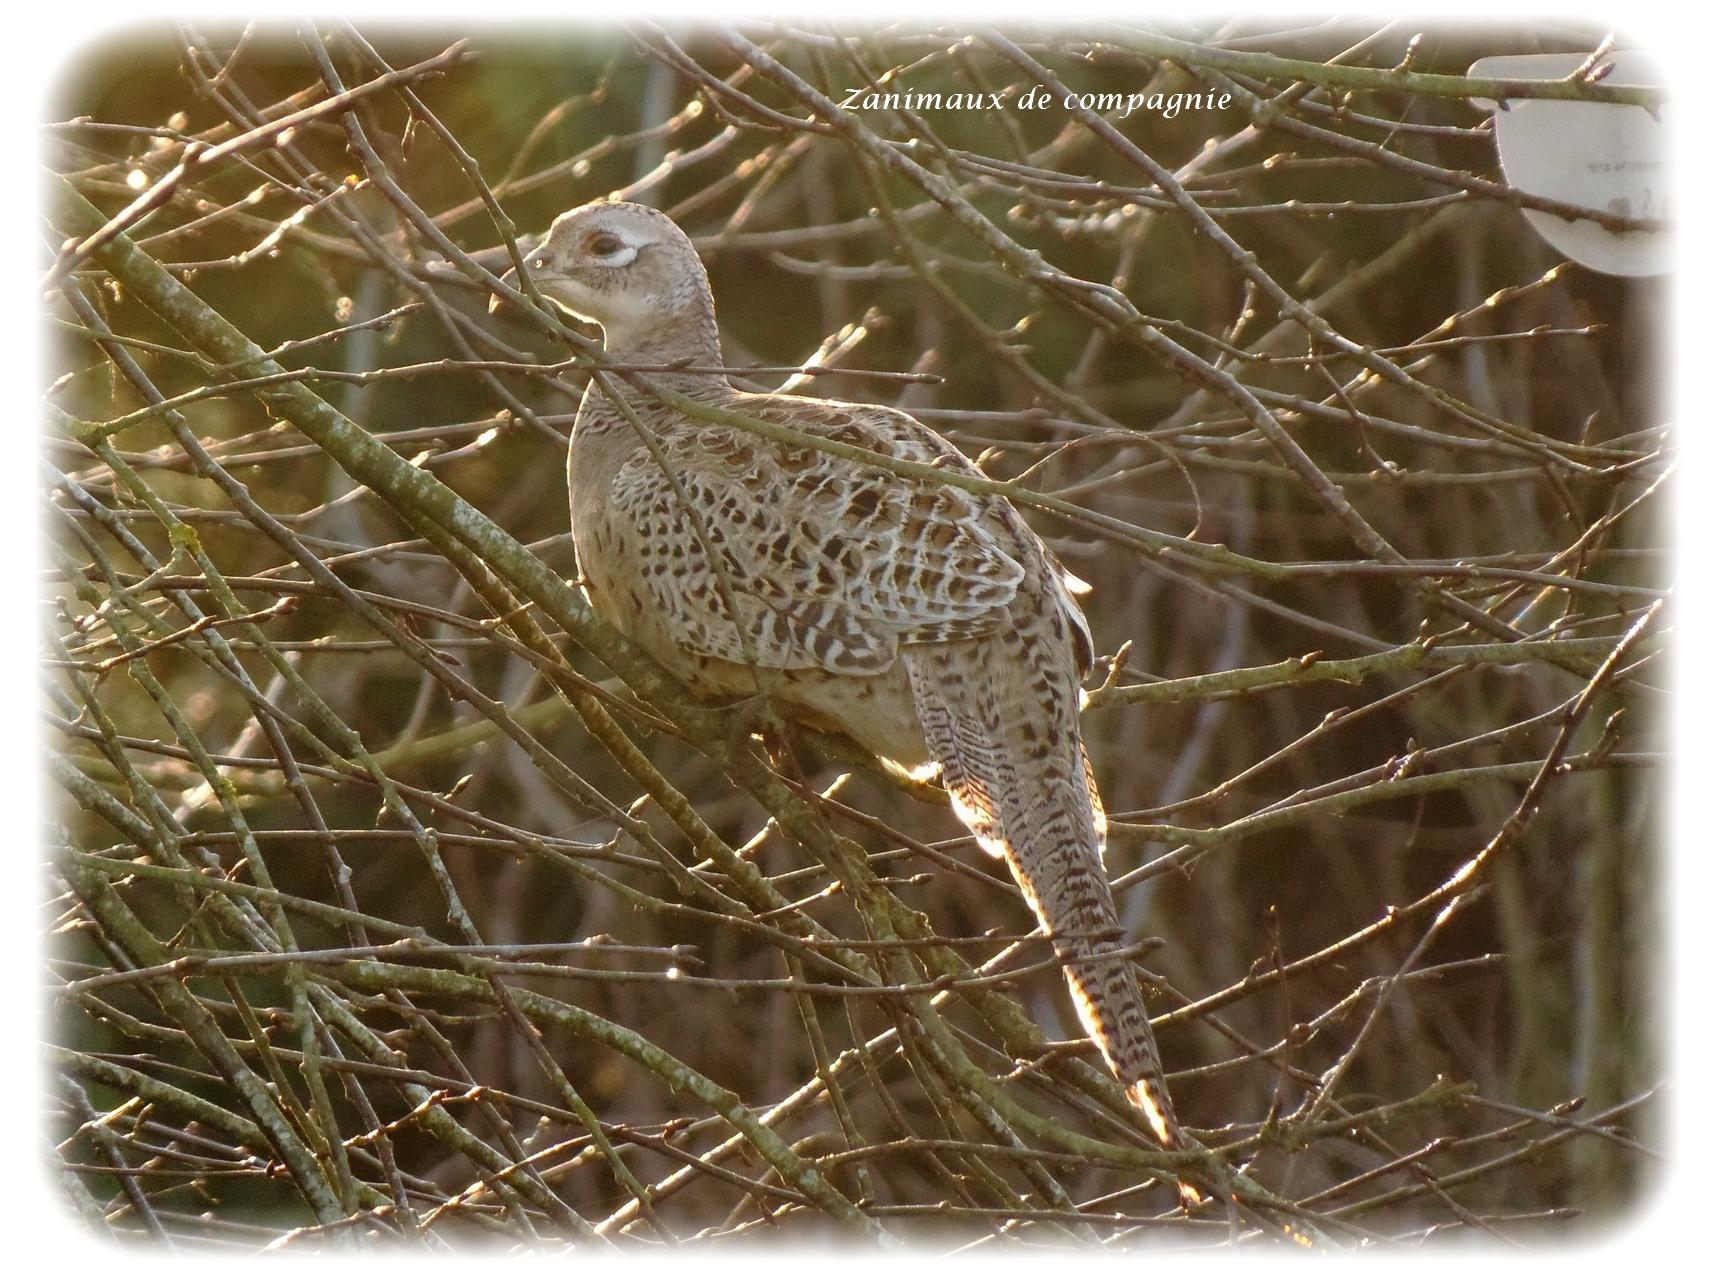 Une poule faisane en visite chez zanimaux zanimaux de for Le jardin katalog 2015